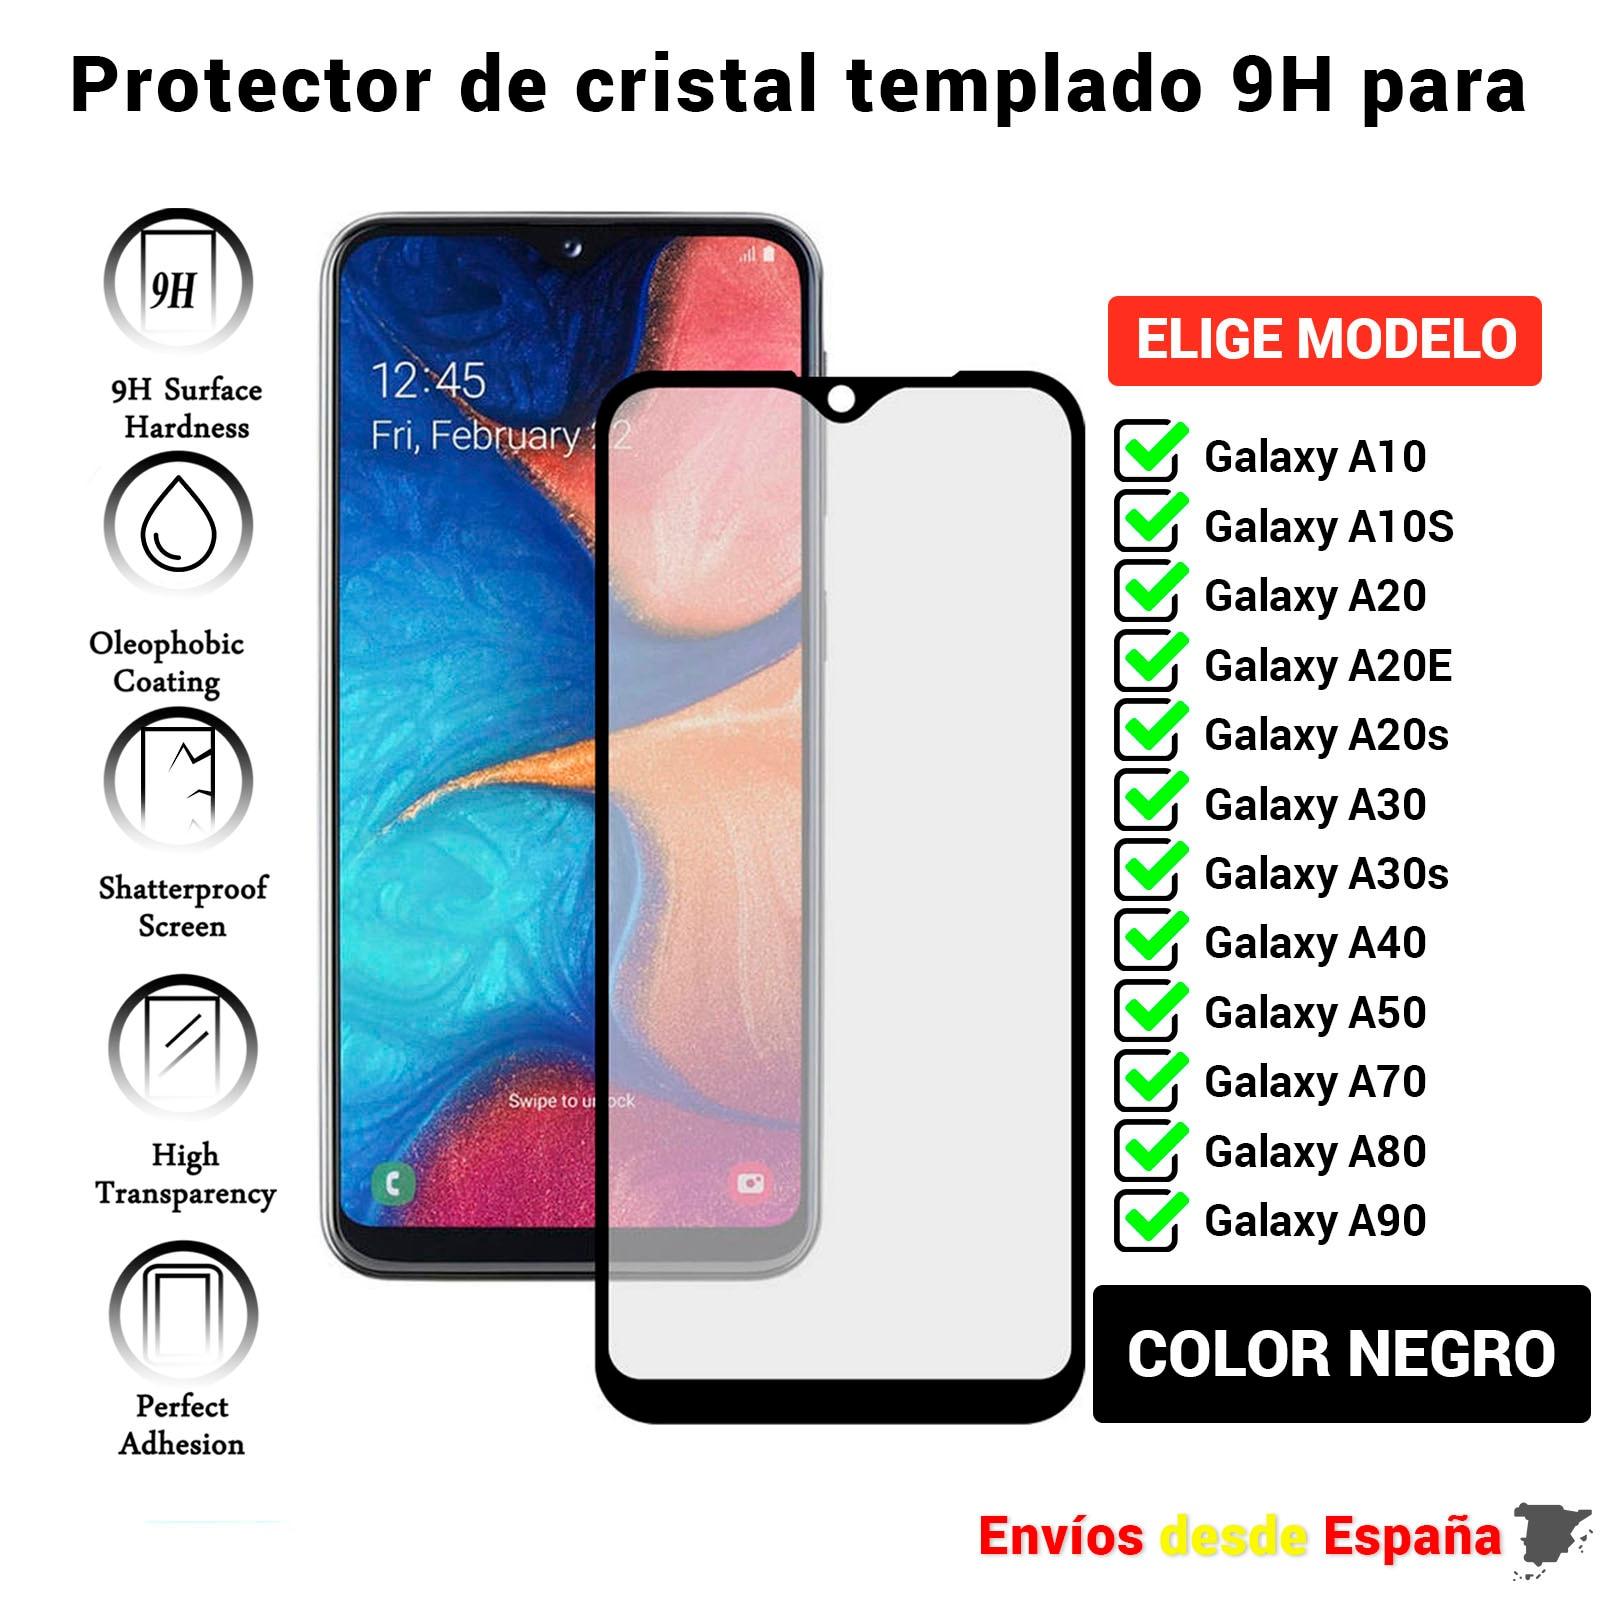 3D полная Защита экрана для Galaxy A10 A10S A20 A20E A20s A30 A30s A40 A50 A70 A80 A90. Черное закаленное стекло Movil